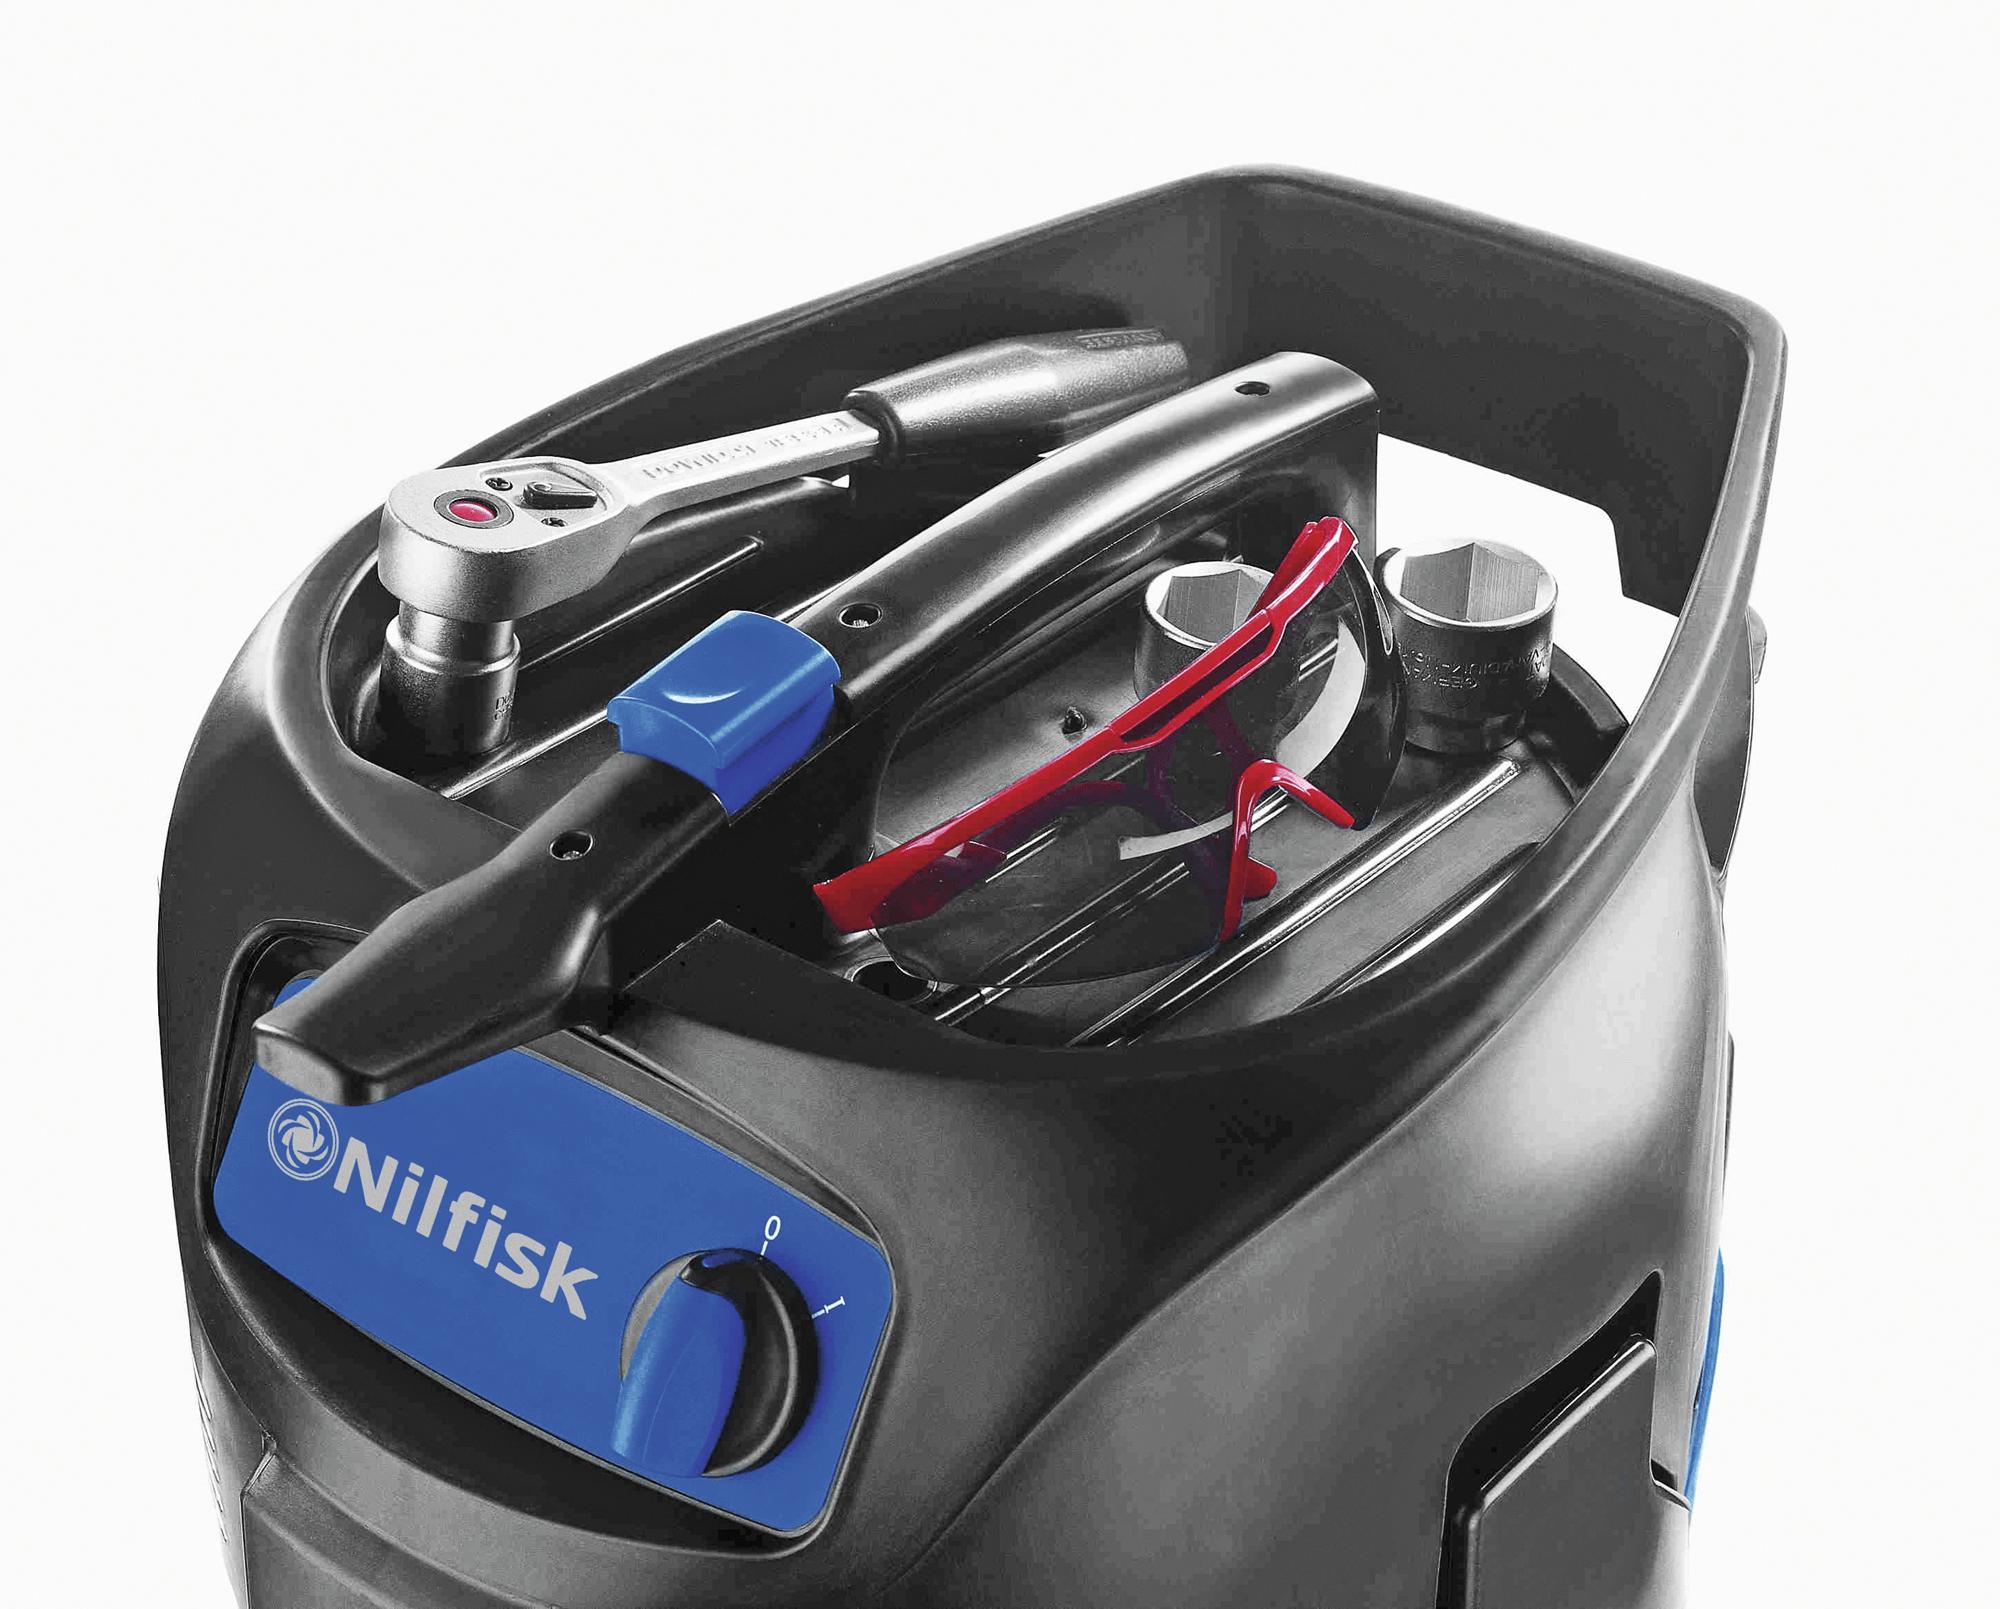 Nilfisk Industriesauger ATTIX 30-21 PC